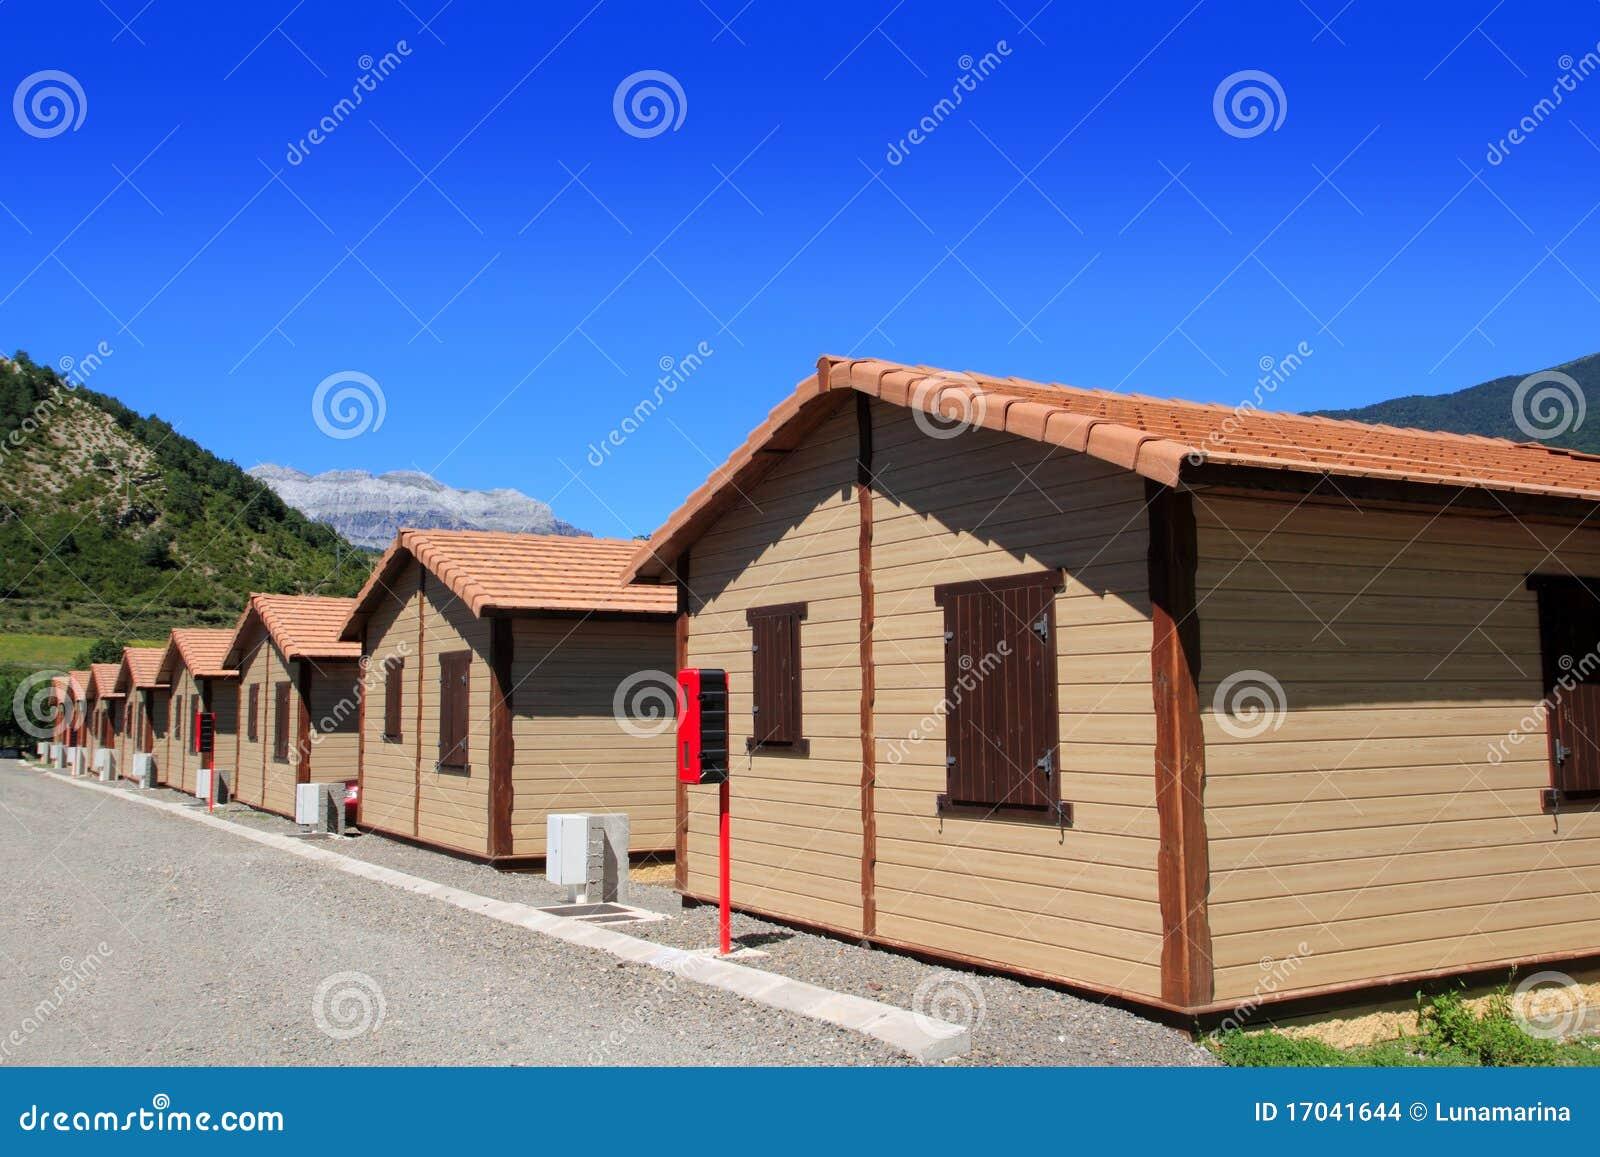 Maisons En Bois De Pavillon Dans La Zone Campante Images stock  Image 17041644